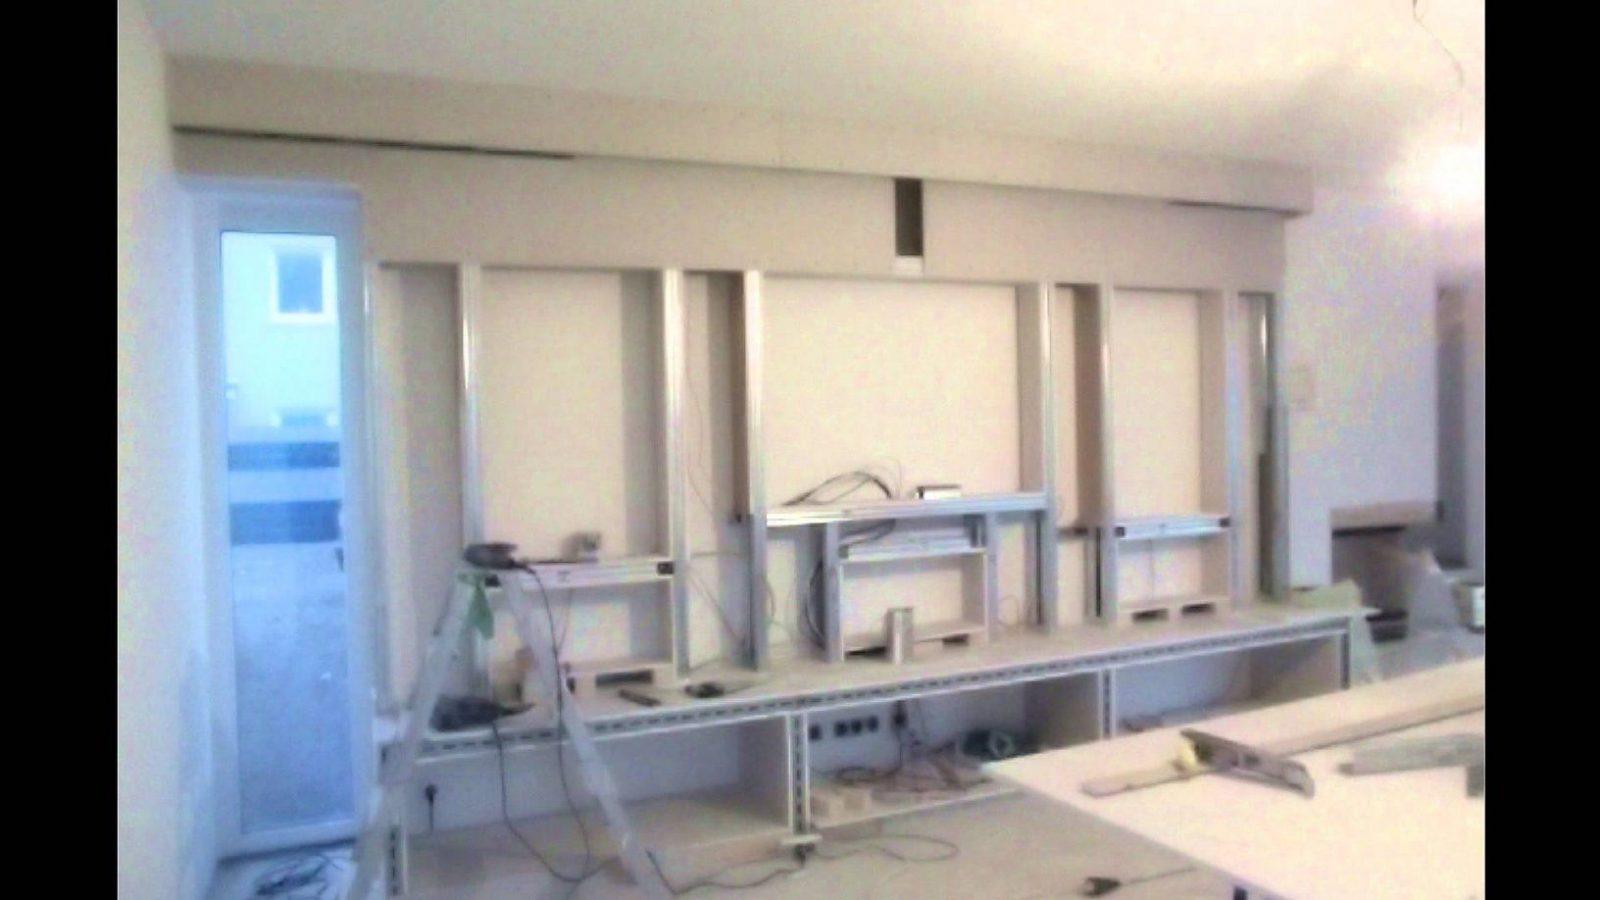 Innenausbau Design Multimedia Tv Wand Trockenbau  Youtube von Tv Wand Selber Bauen Kosten Bild